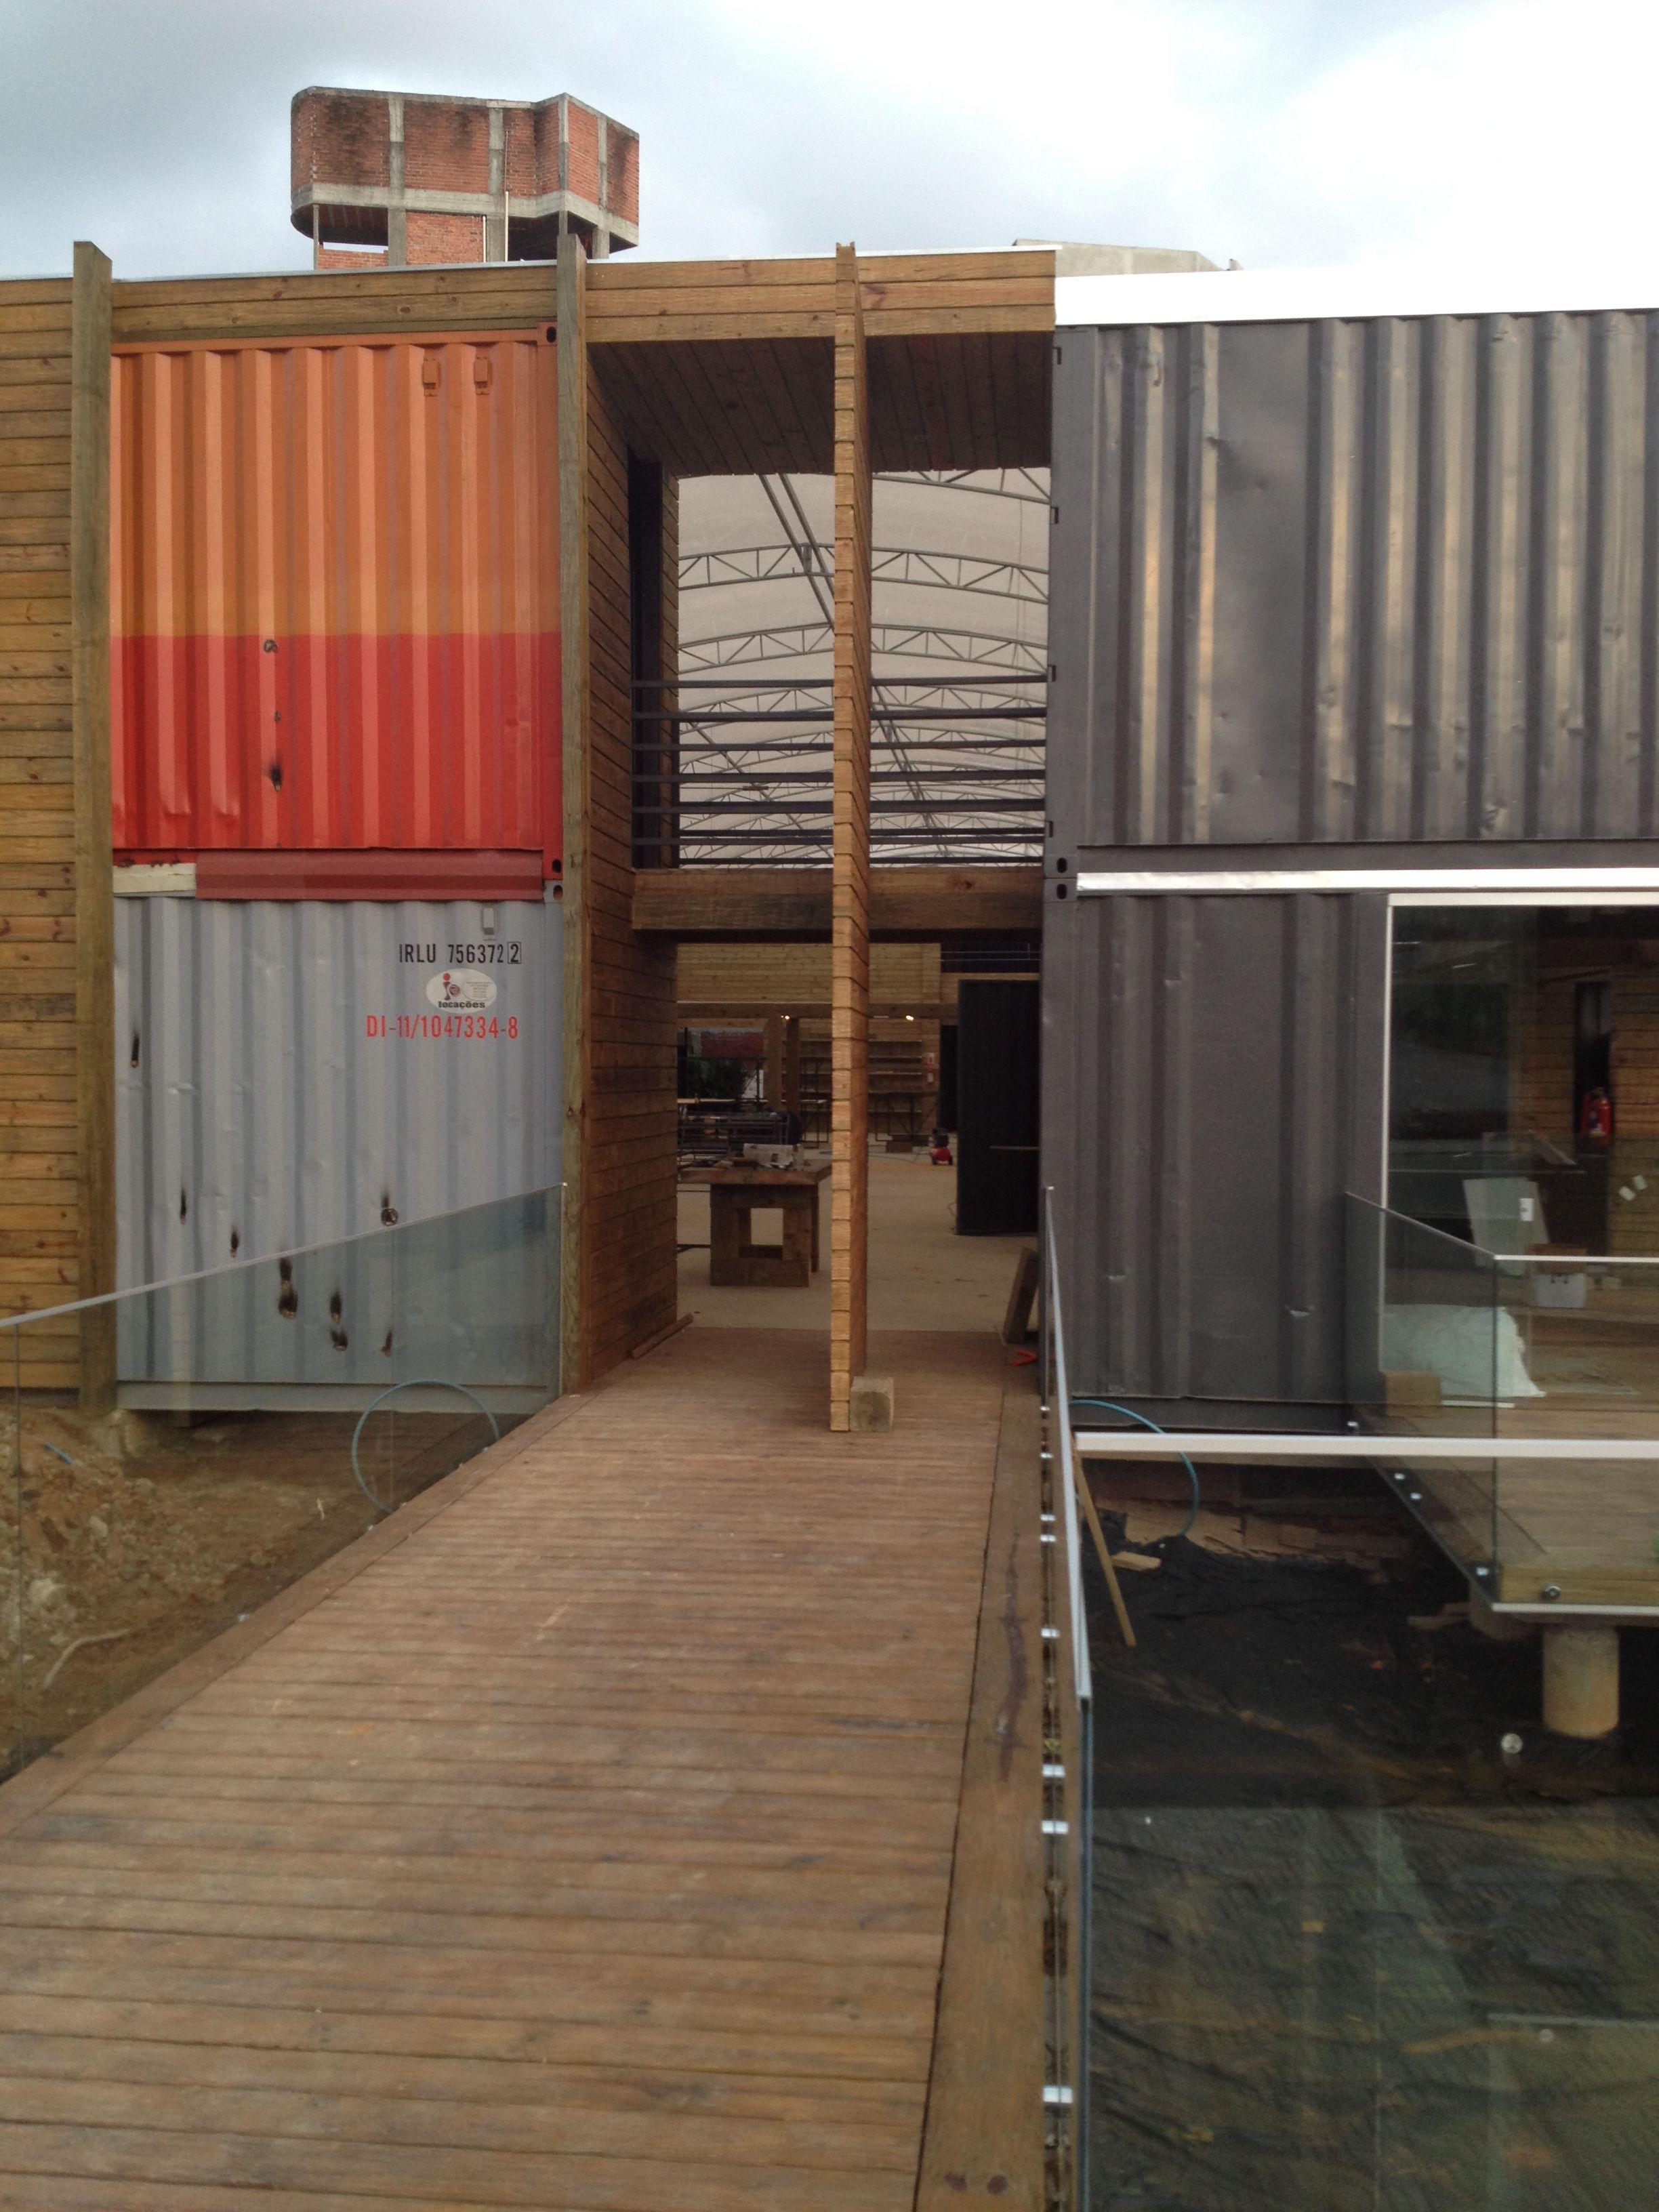 Deck, porta pino centro e painel trabalhados em pinus autoclavado